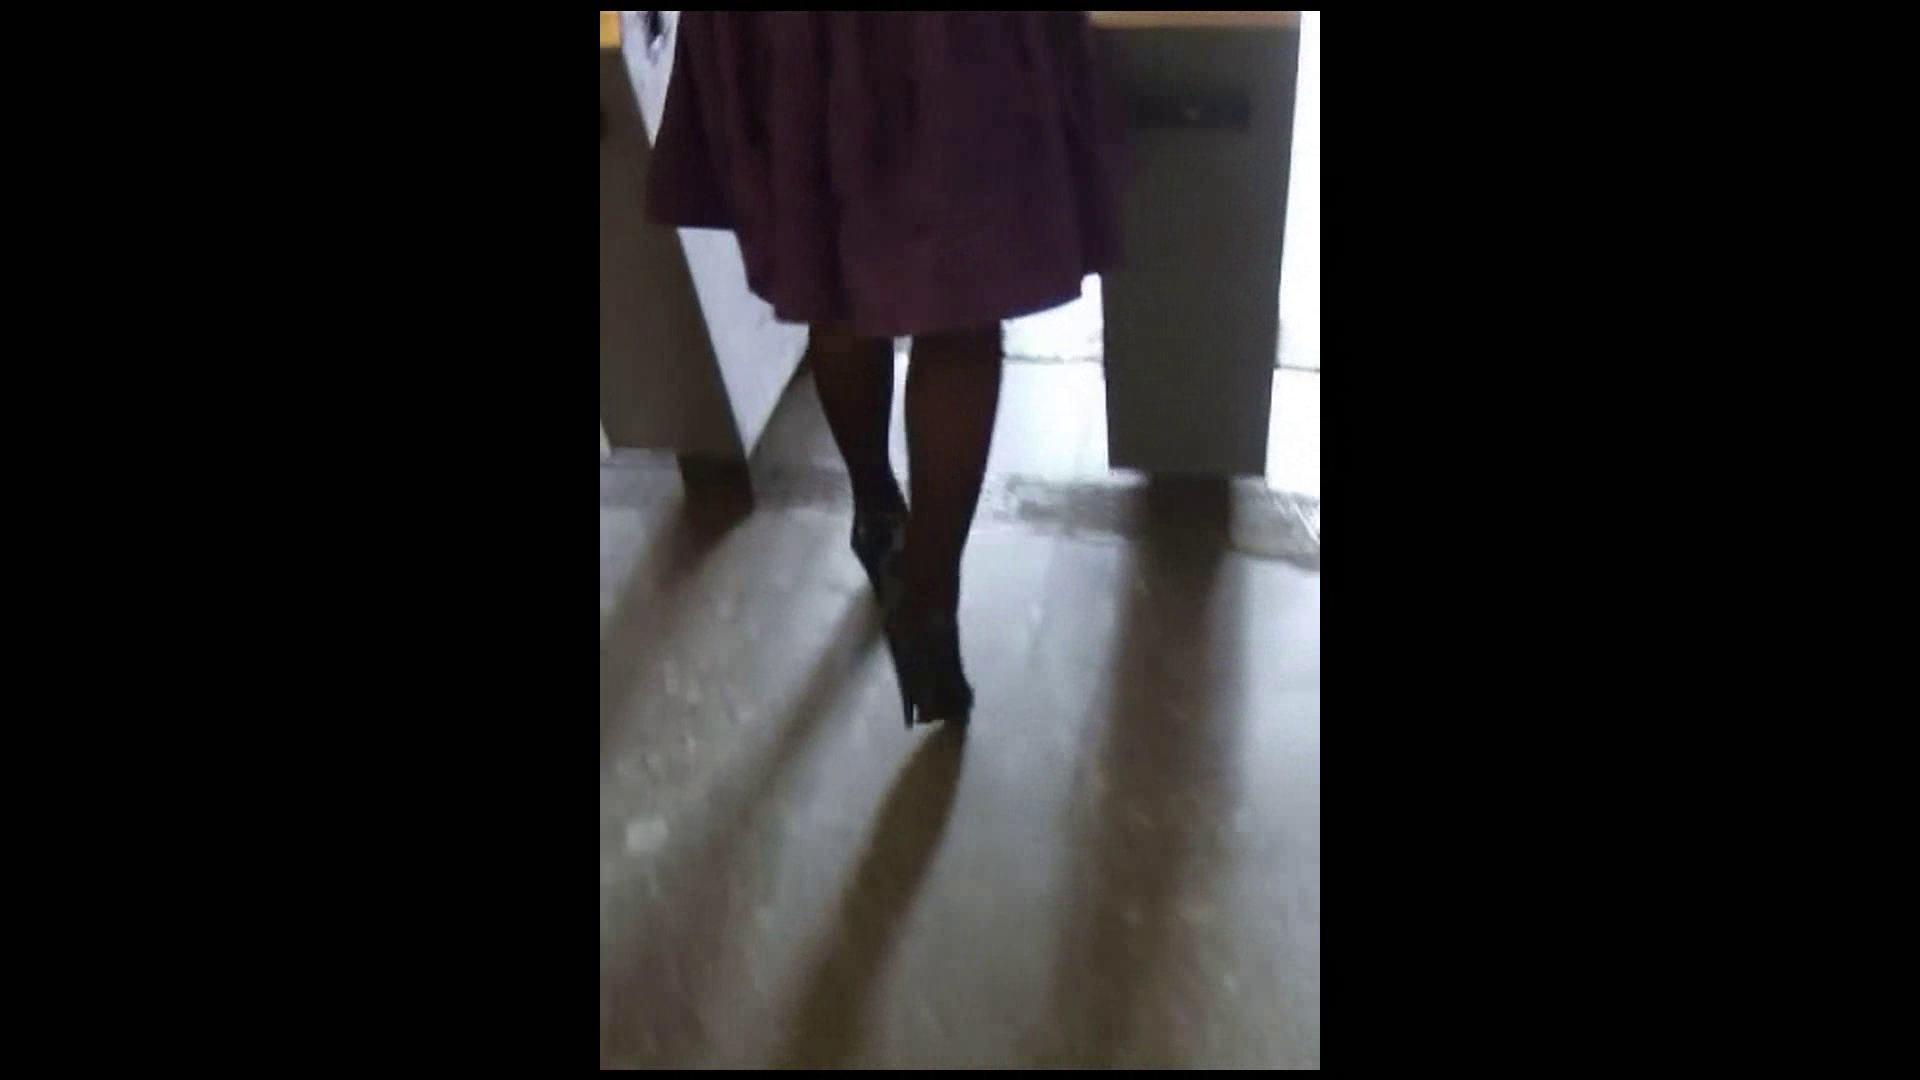 綺麗なモデルさんのスカート捲っちゃおう‼vol03 お姉さんのエロ生活 | モデルのエロ生活  98連発 25